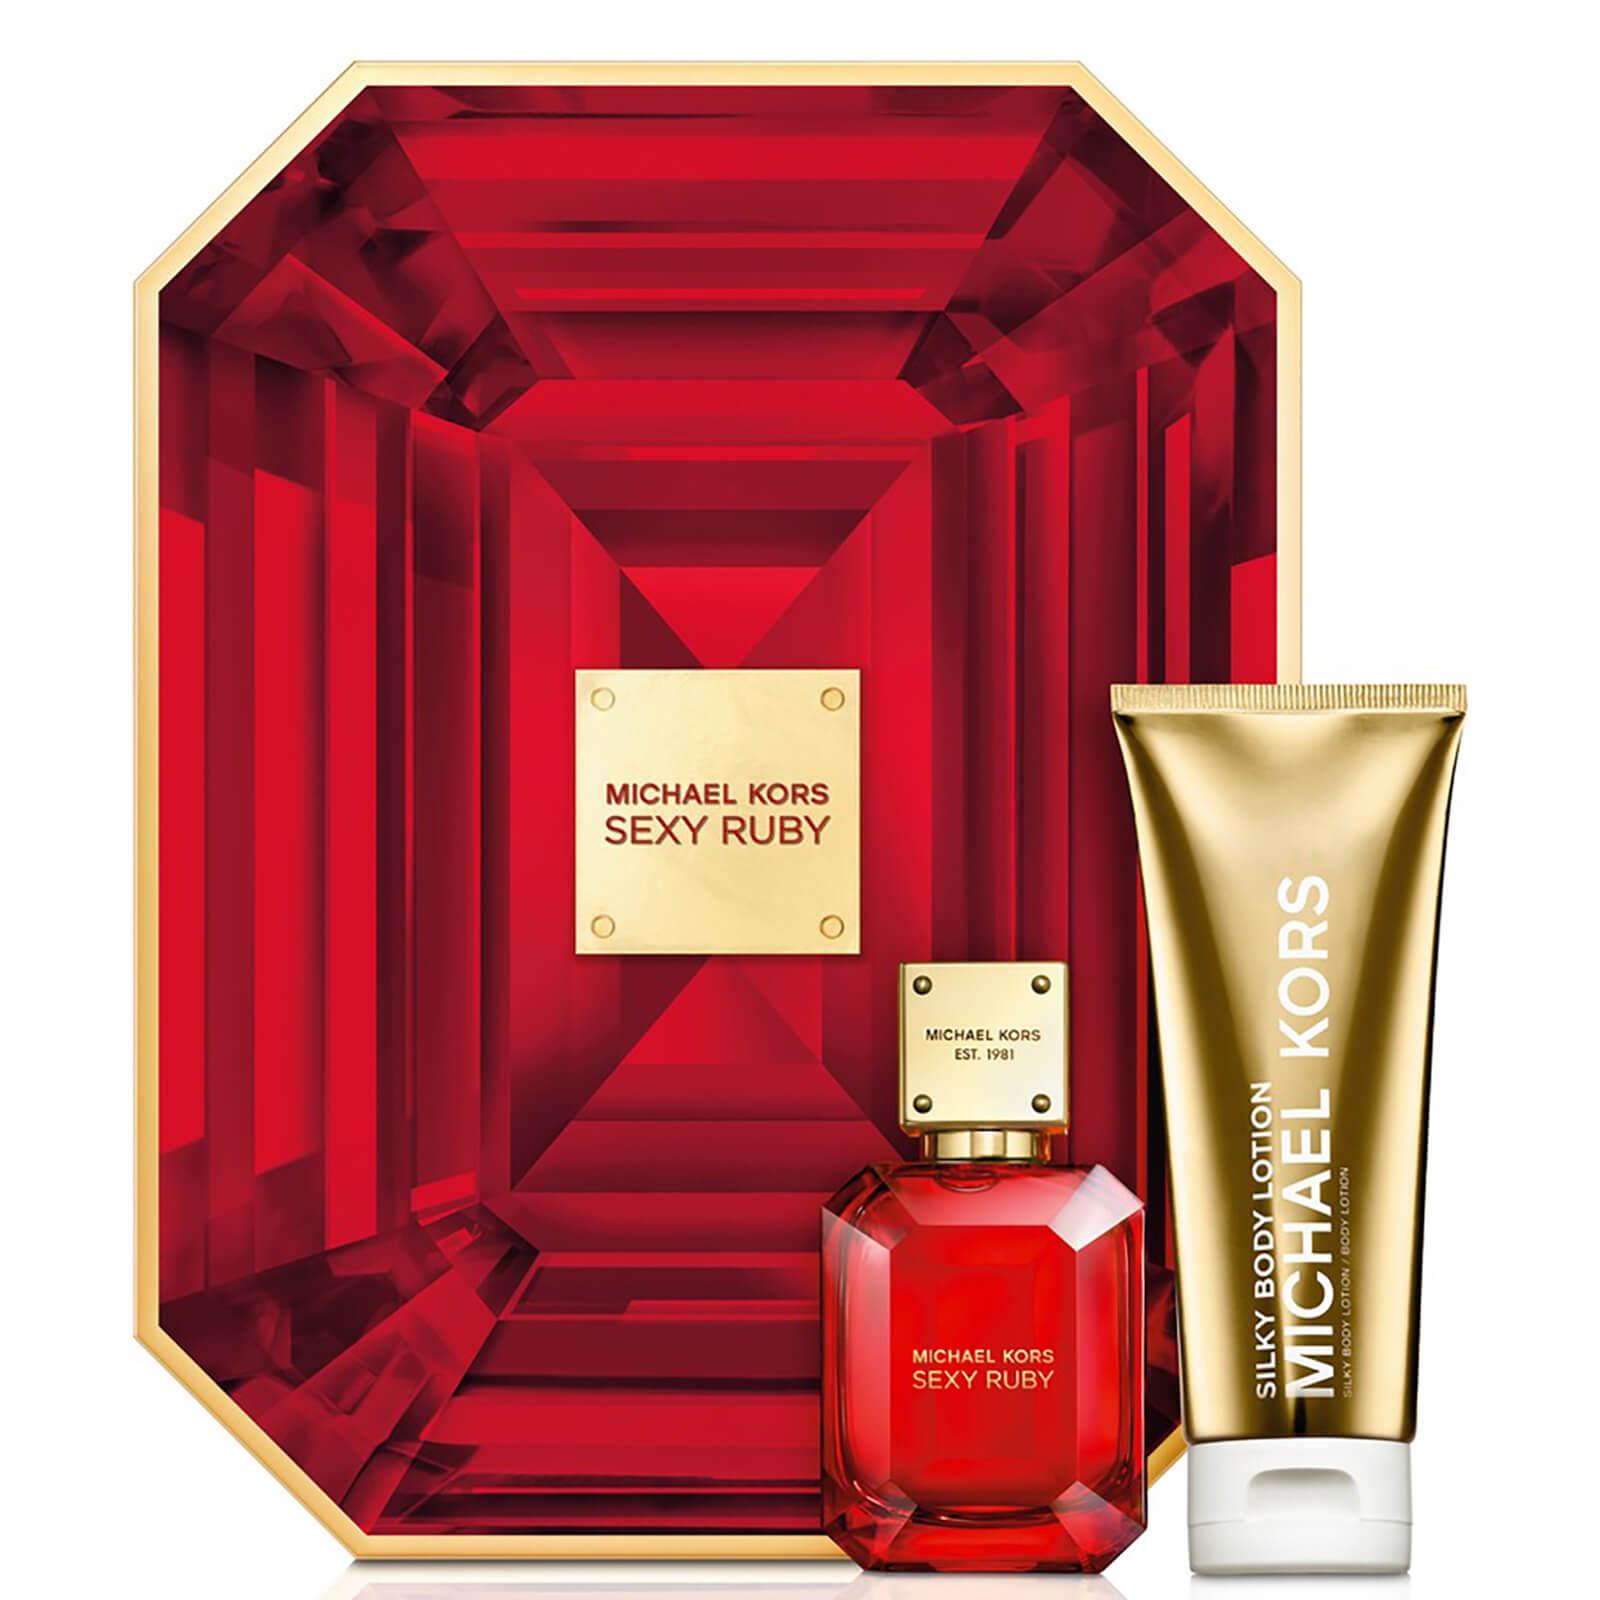 d761022289d9 MICHAEL MICHAEL KORS Wonderlust Sensual Essence Eau de Parfum 30ml. £46.00. MICHAEL  MICHAEL KORS Sexy Ruby 50ml 2-Piece Set. Description